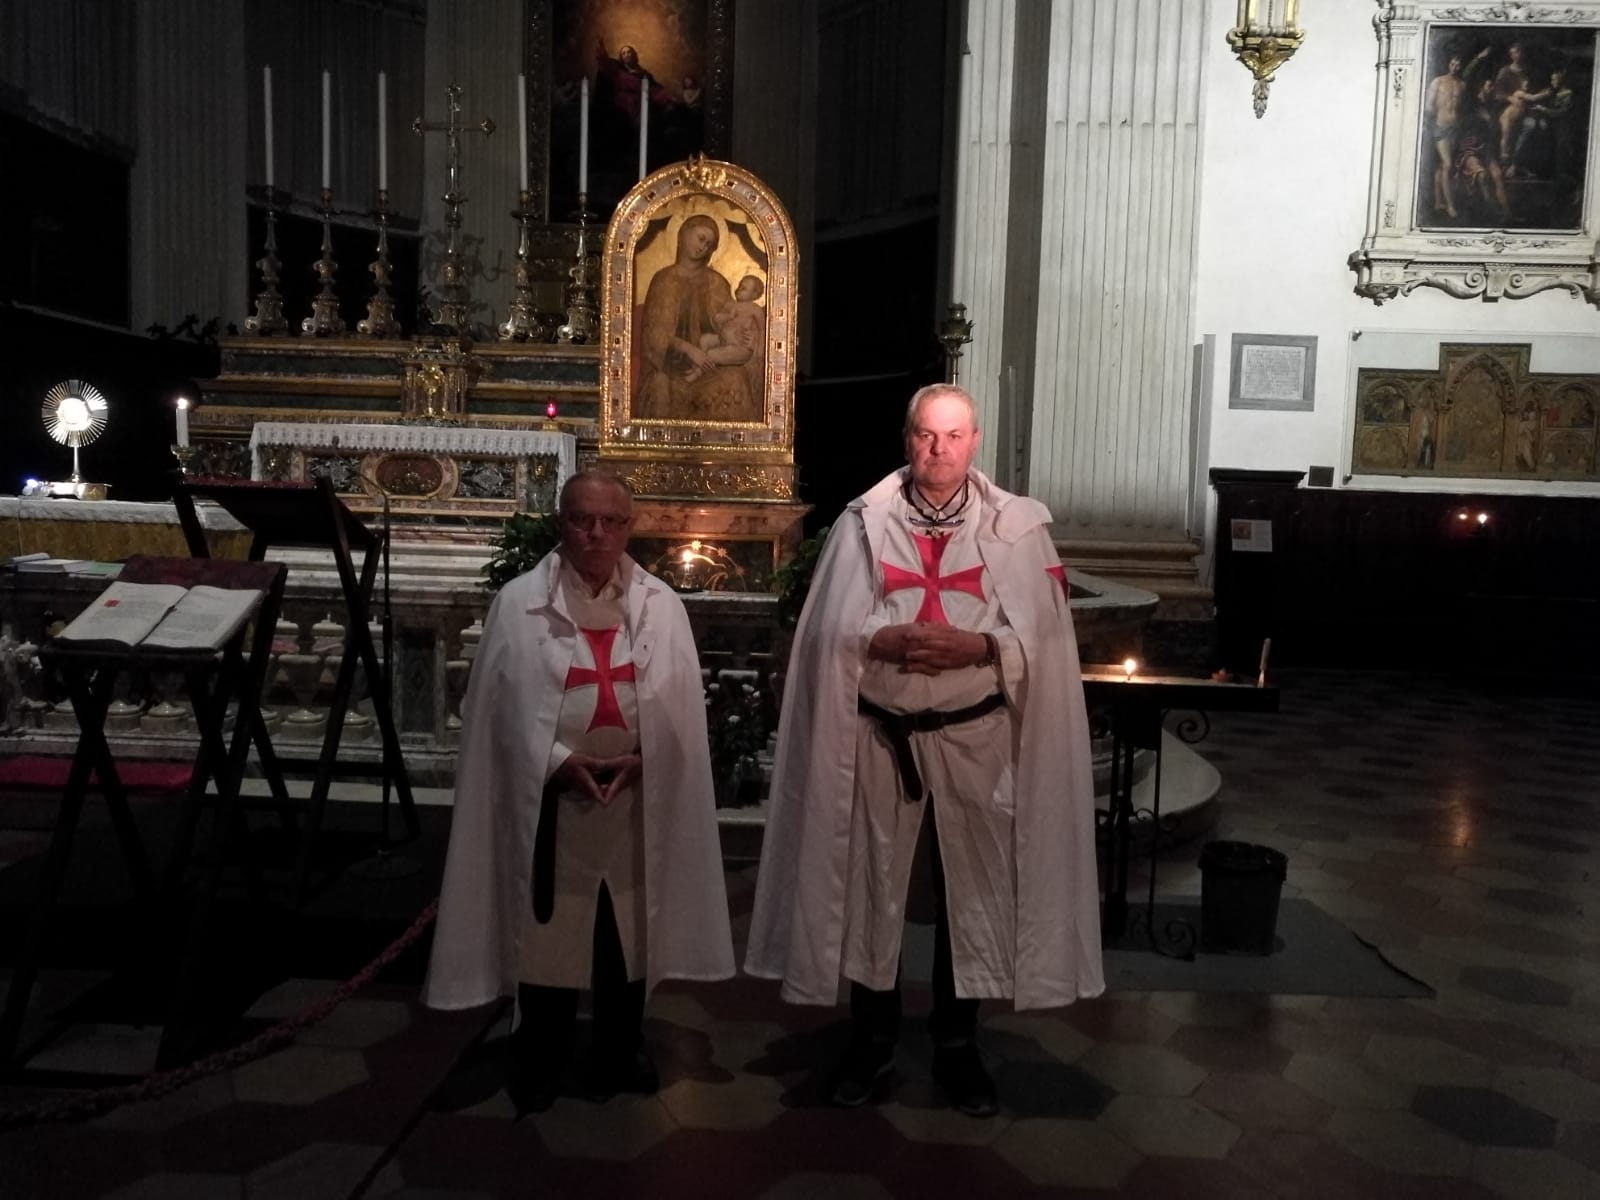 Custodia della Basilica del Santissimo Salvatore a Bologna – 27 July 2018